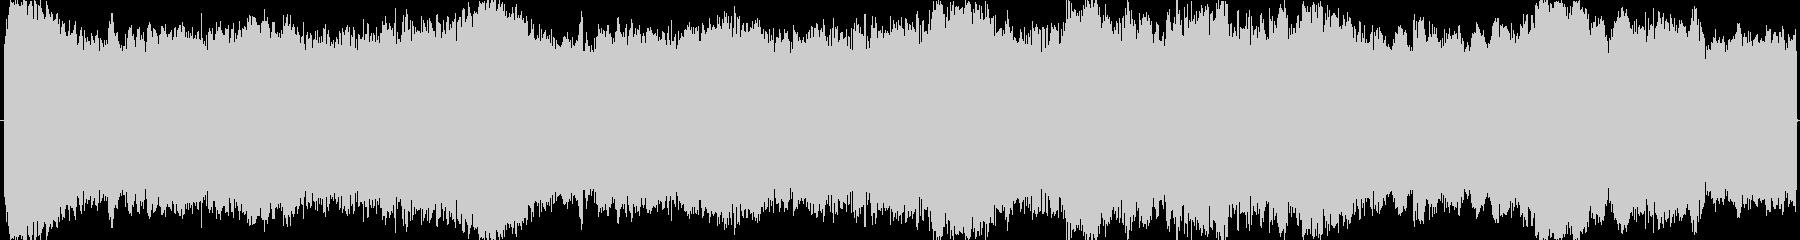 ループ可の明るく壮大なオーケストラBGMの未再生の波形